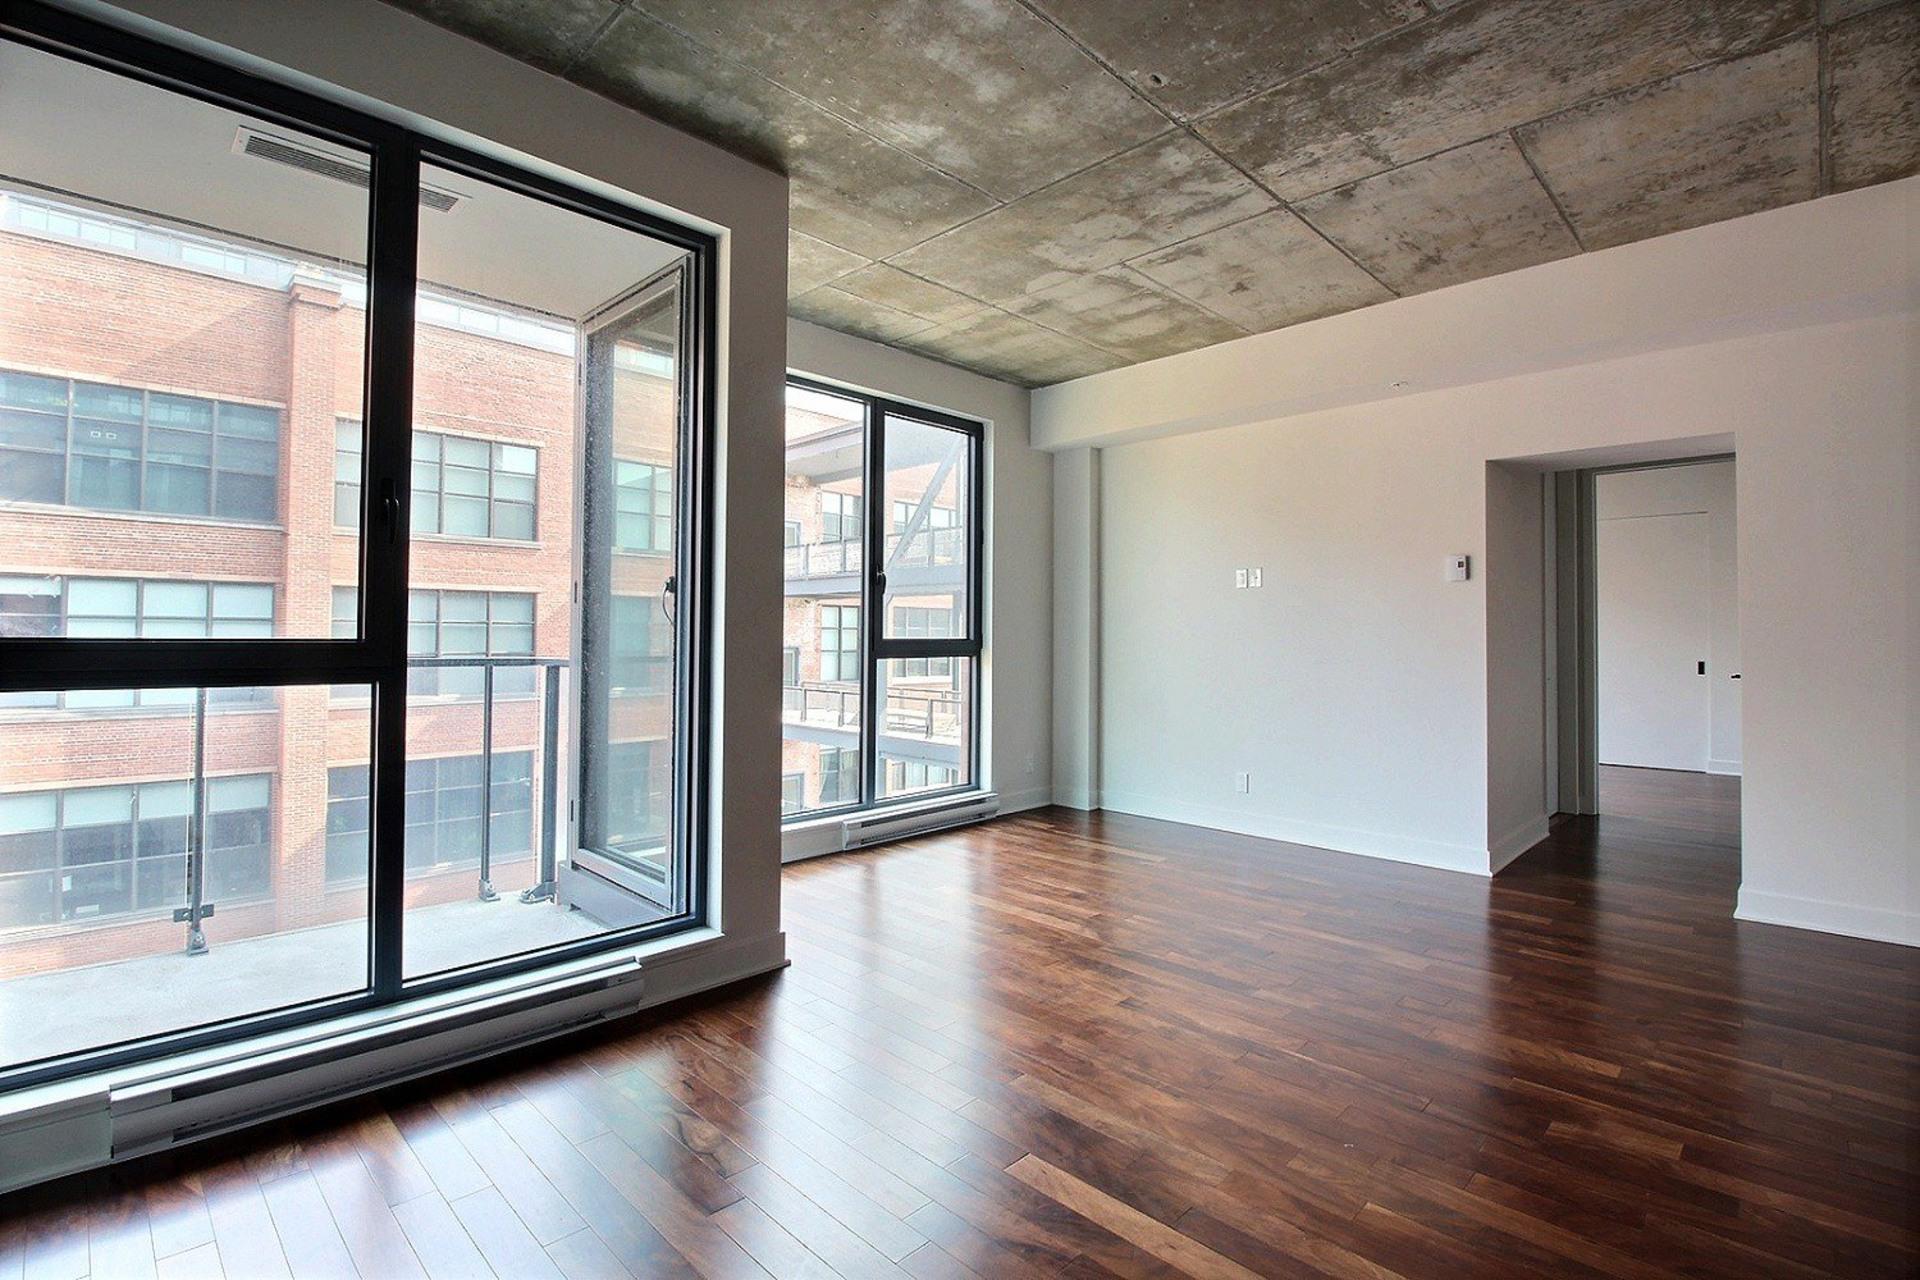 image 9 - Apartment For rent Montréal Le Sud-Ouest  - 5 rooms